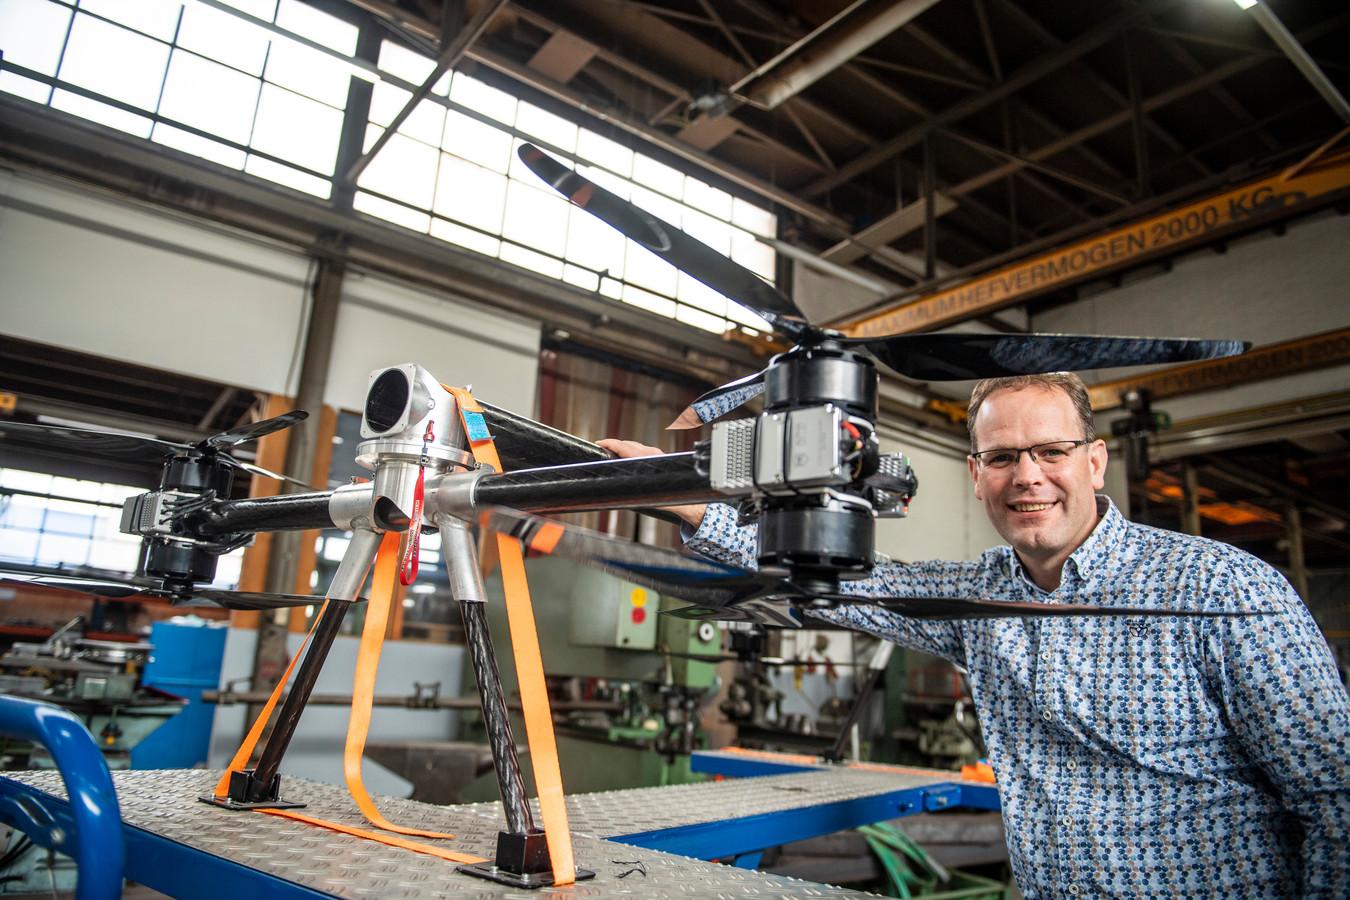 Eelco Osse, directeur van Boessenkool in Almelo, kan niet wachten totdat het sein op groen gaat voor zijn drones.